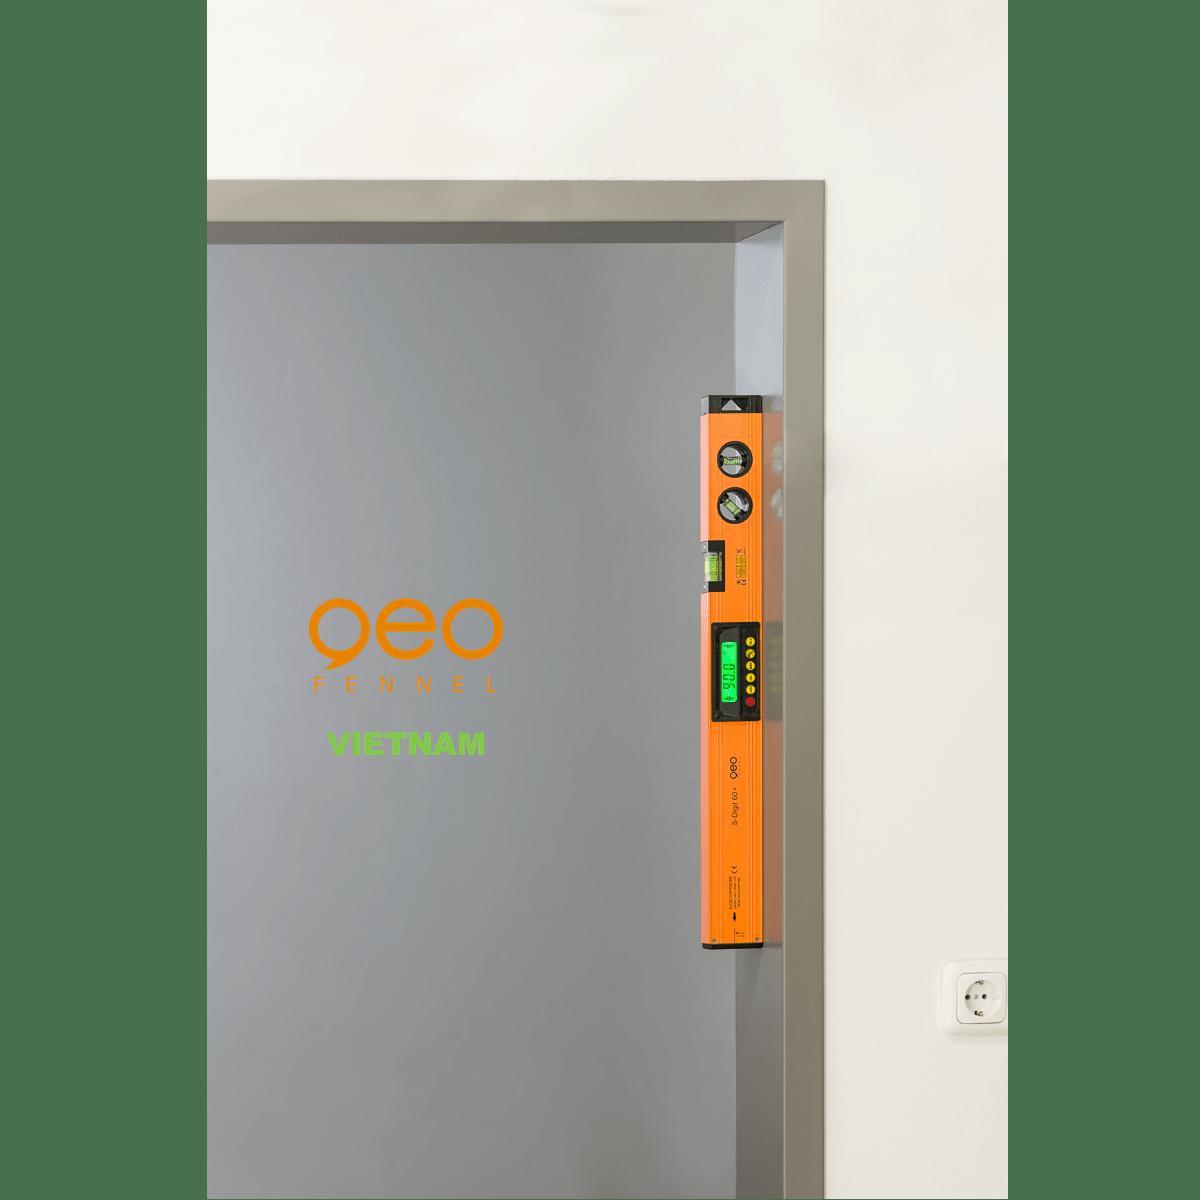 Thước thuỷ laser S-Digit 60+ | 90o